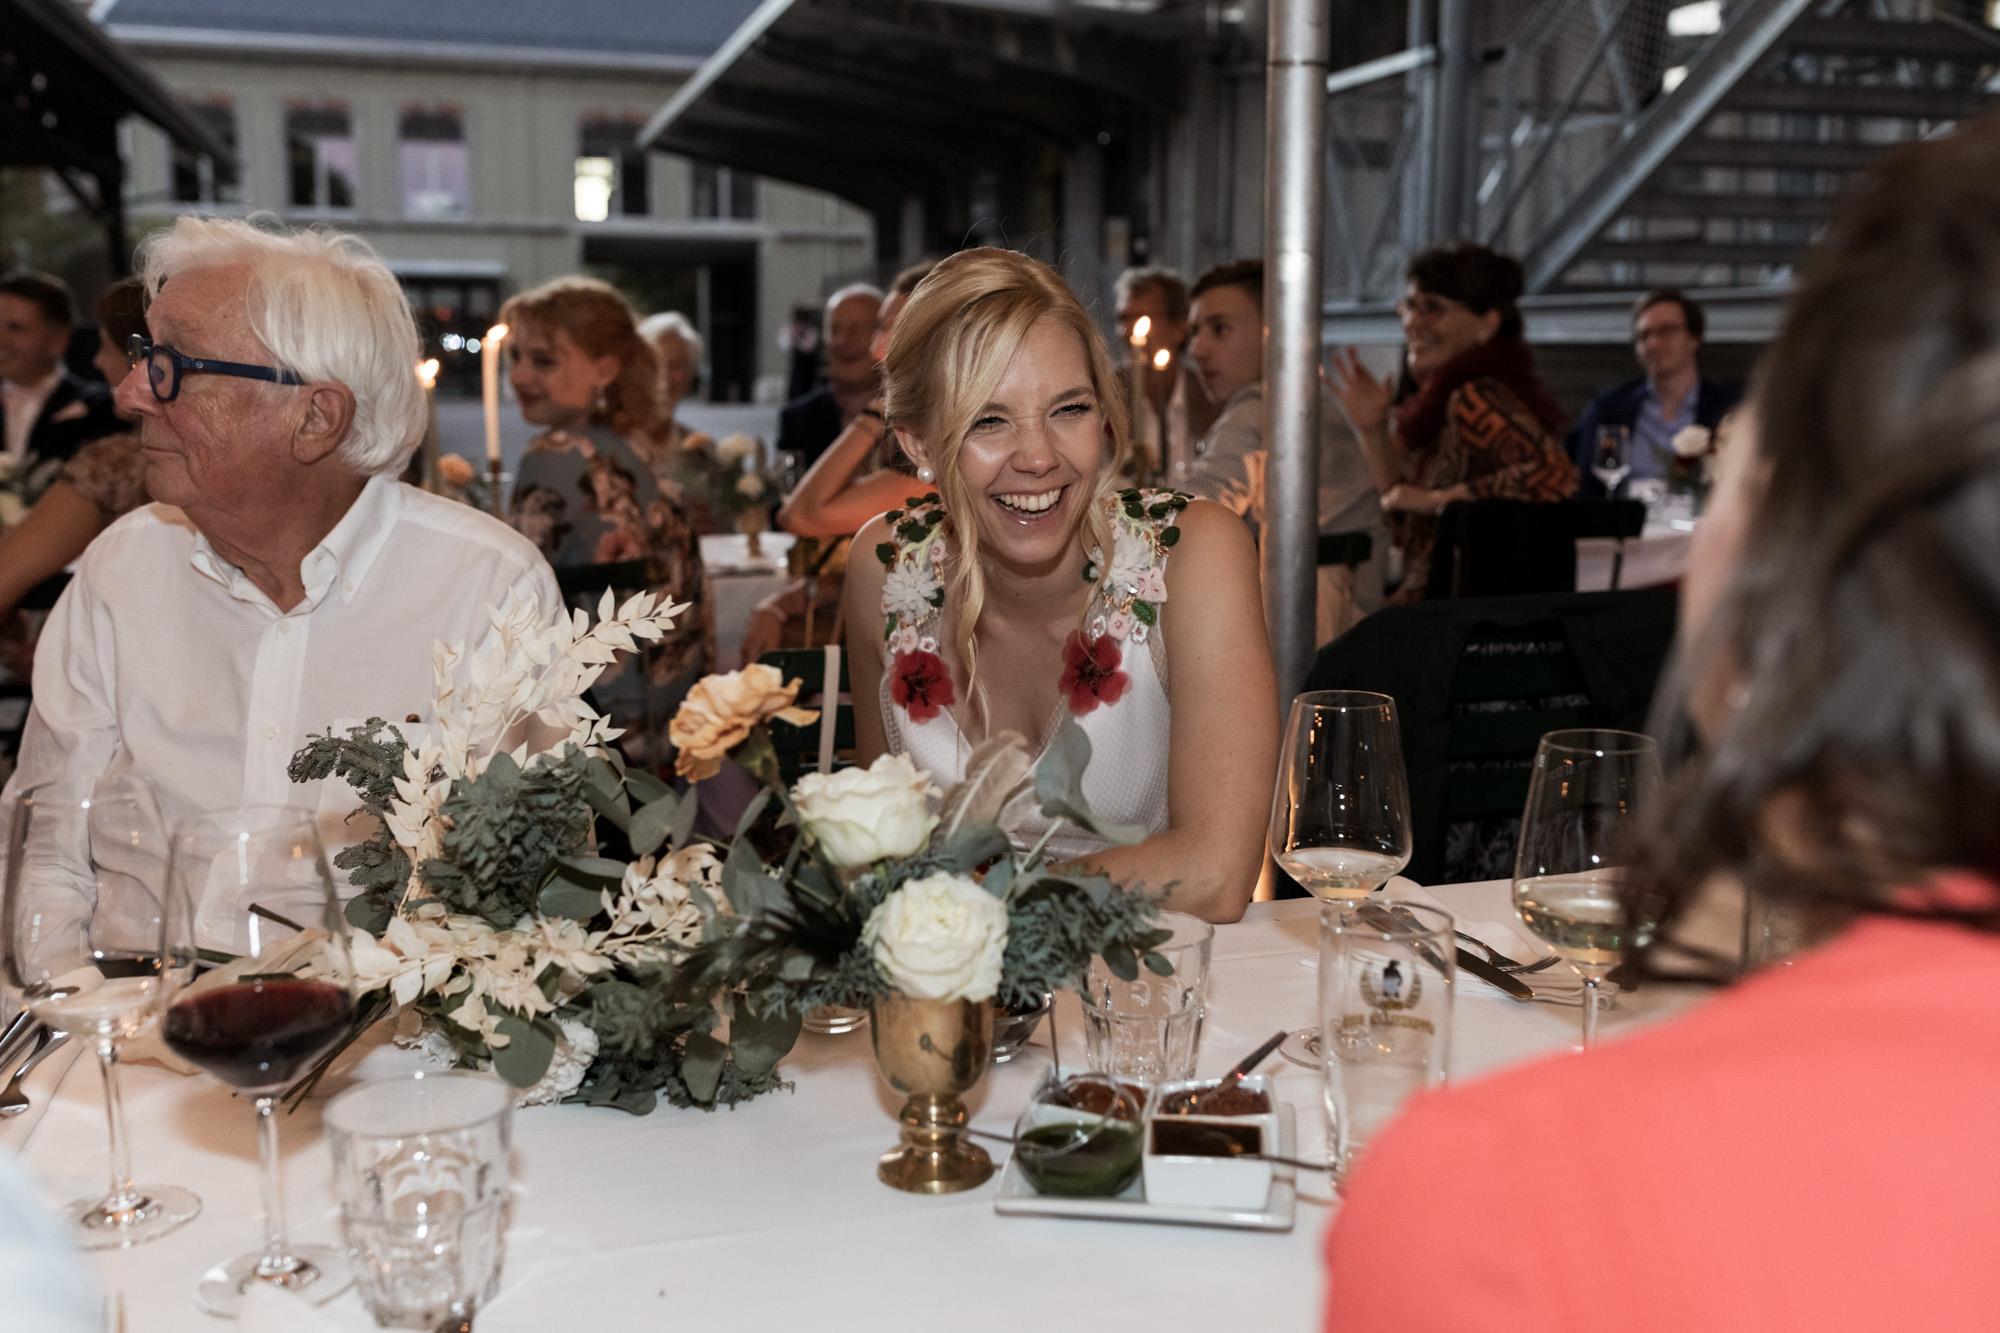 Hochzeit im Turbinenhaus in Basel - Die Braut beim Hochzeitsfest